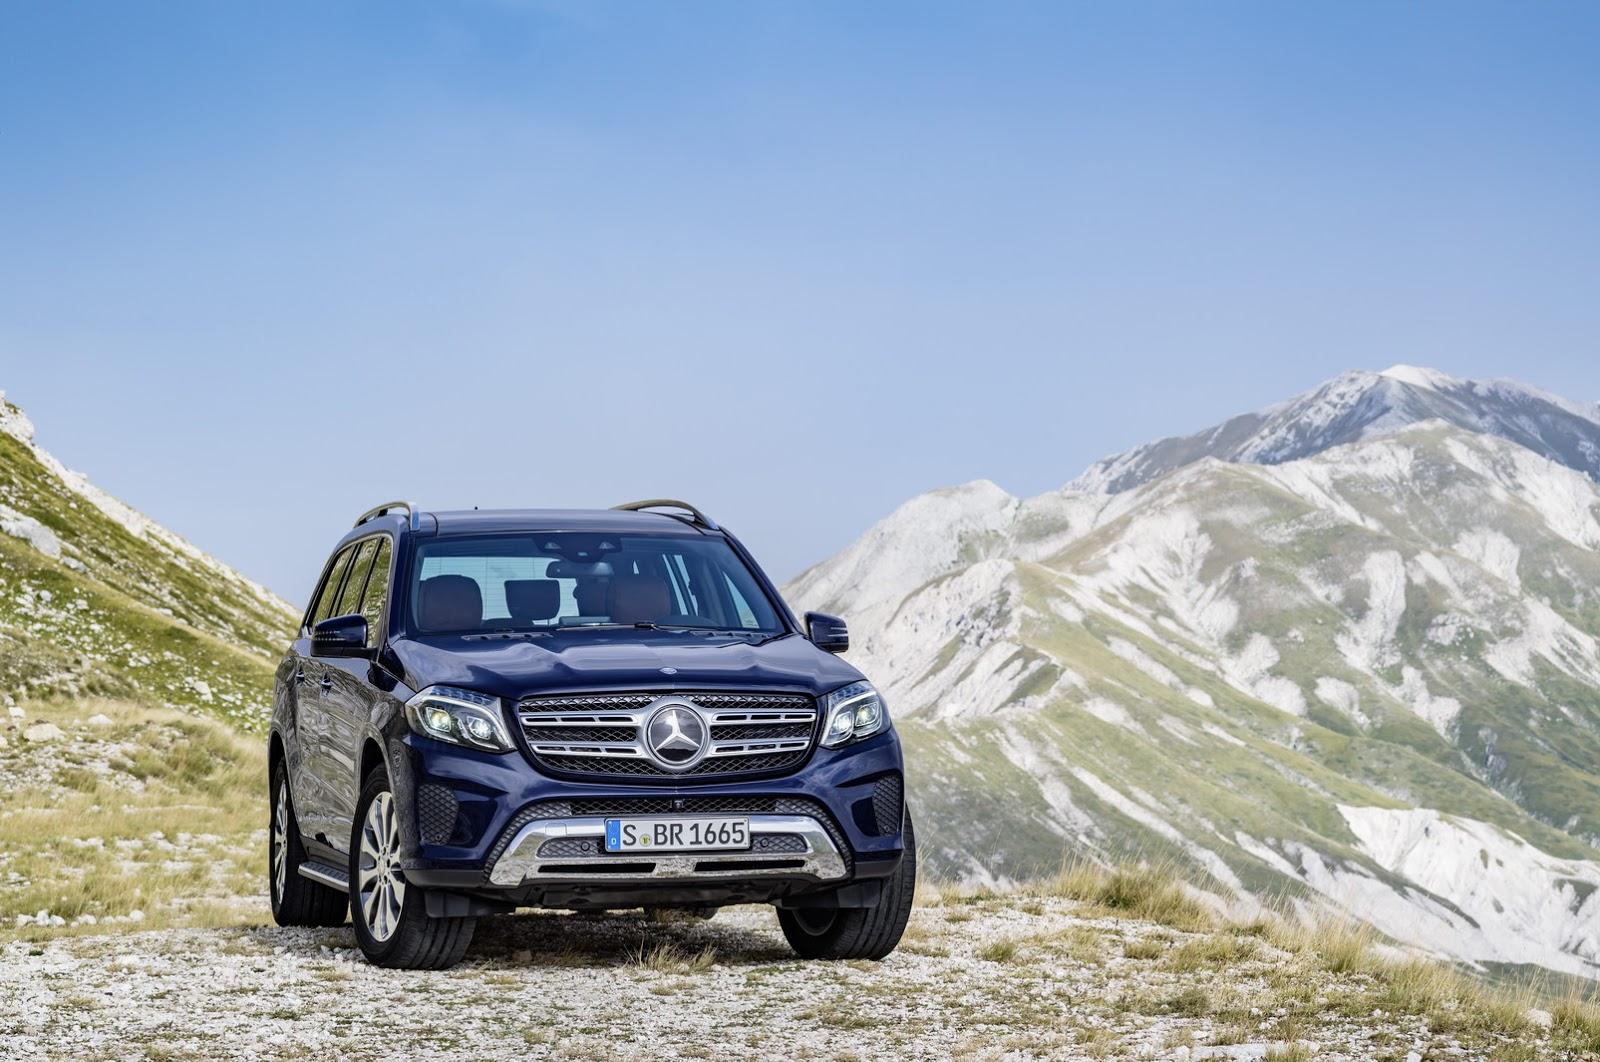 2017-Mercedes-GLS-suv